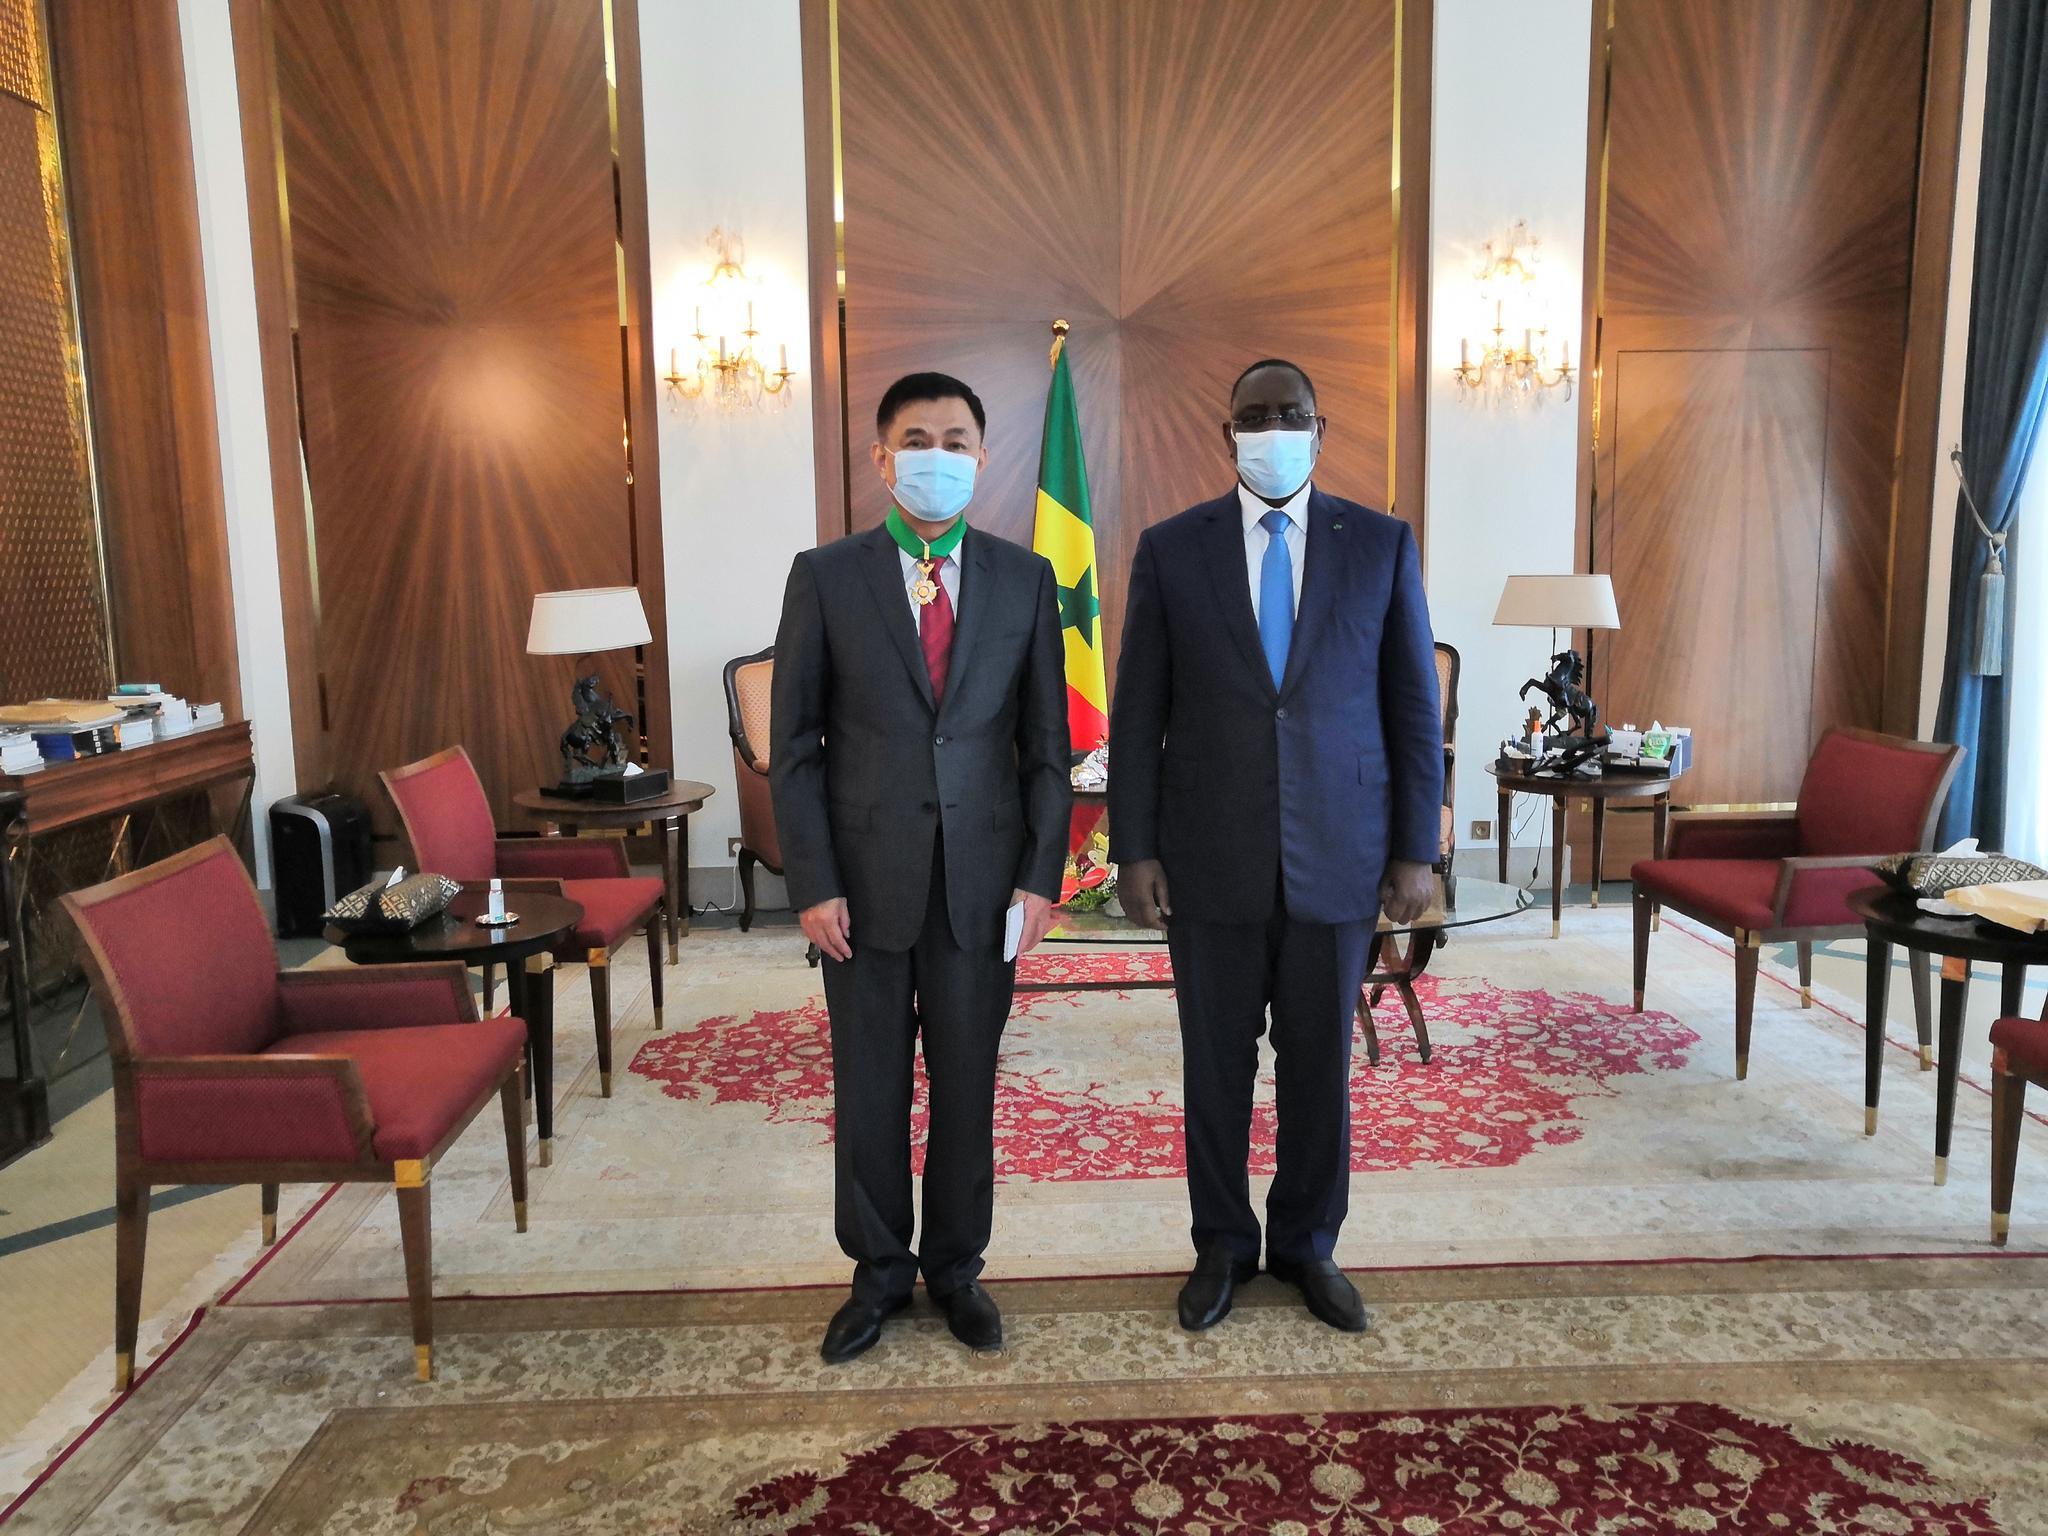 中国驻塞内加尔大使张迅将离任,获塞国总统授勋